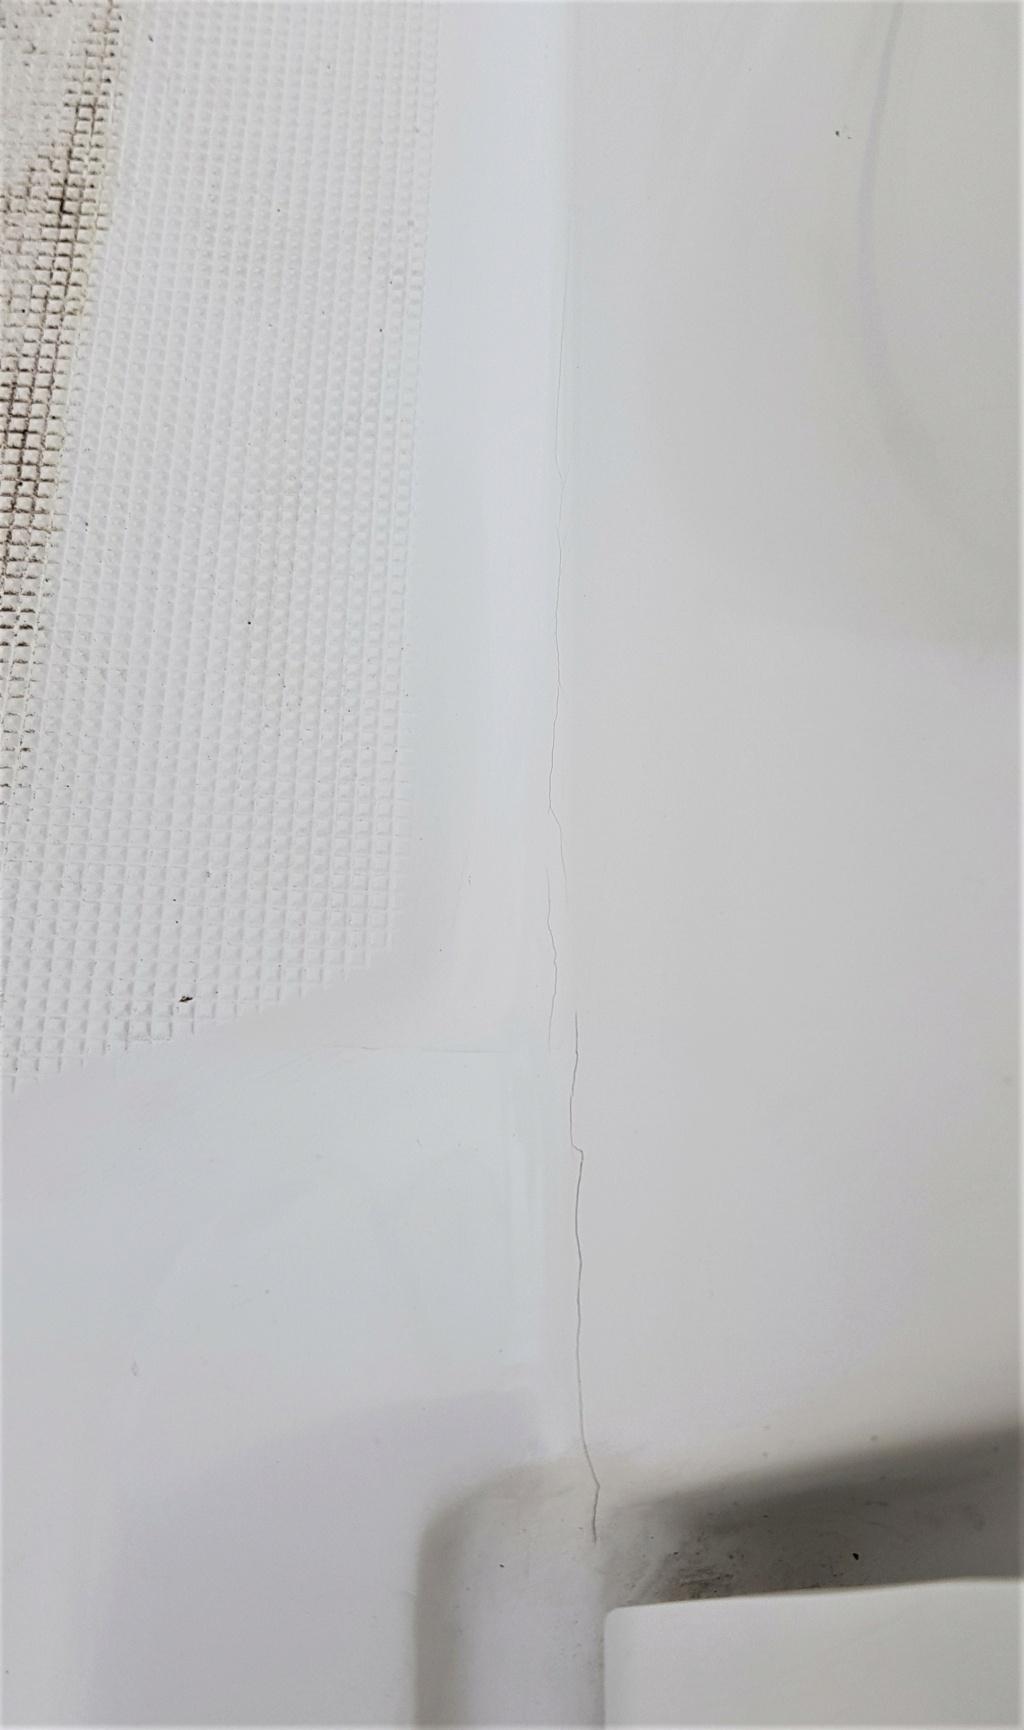 Défauts du gelcoat - Page 2 20200911